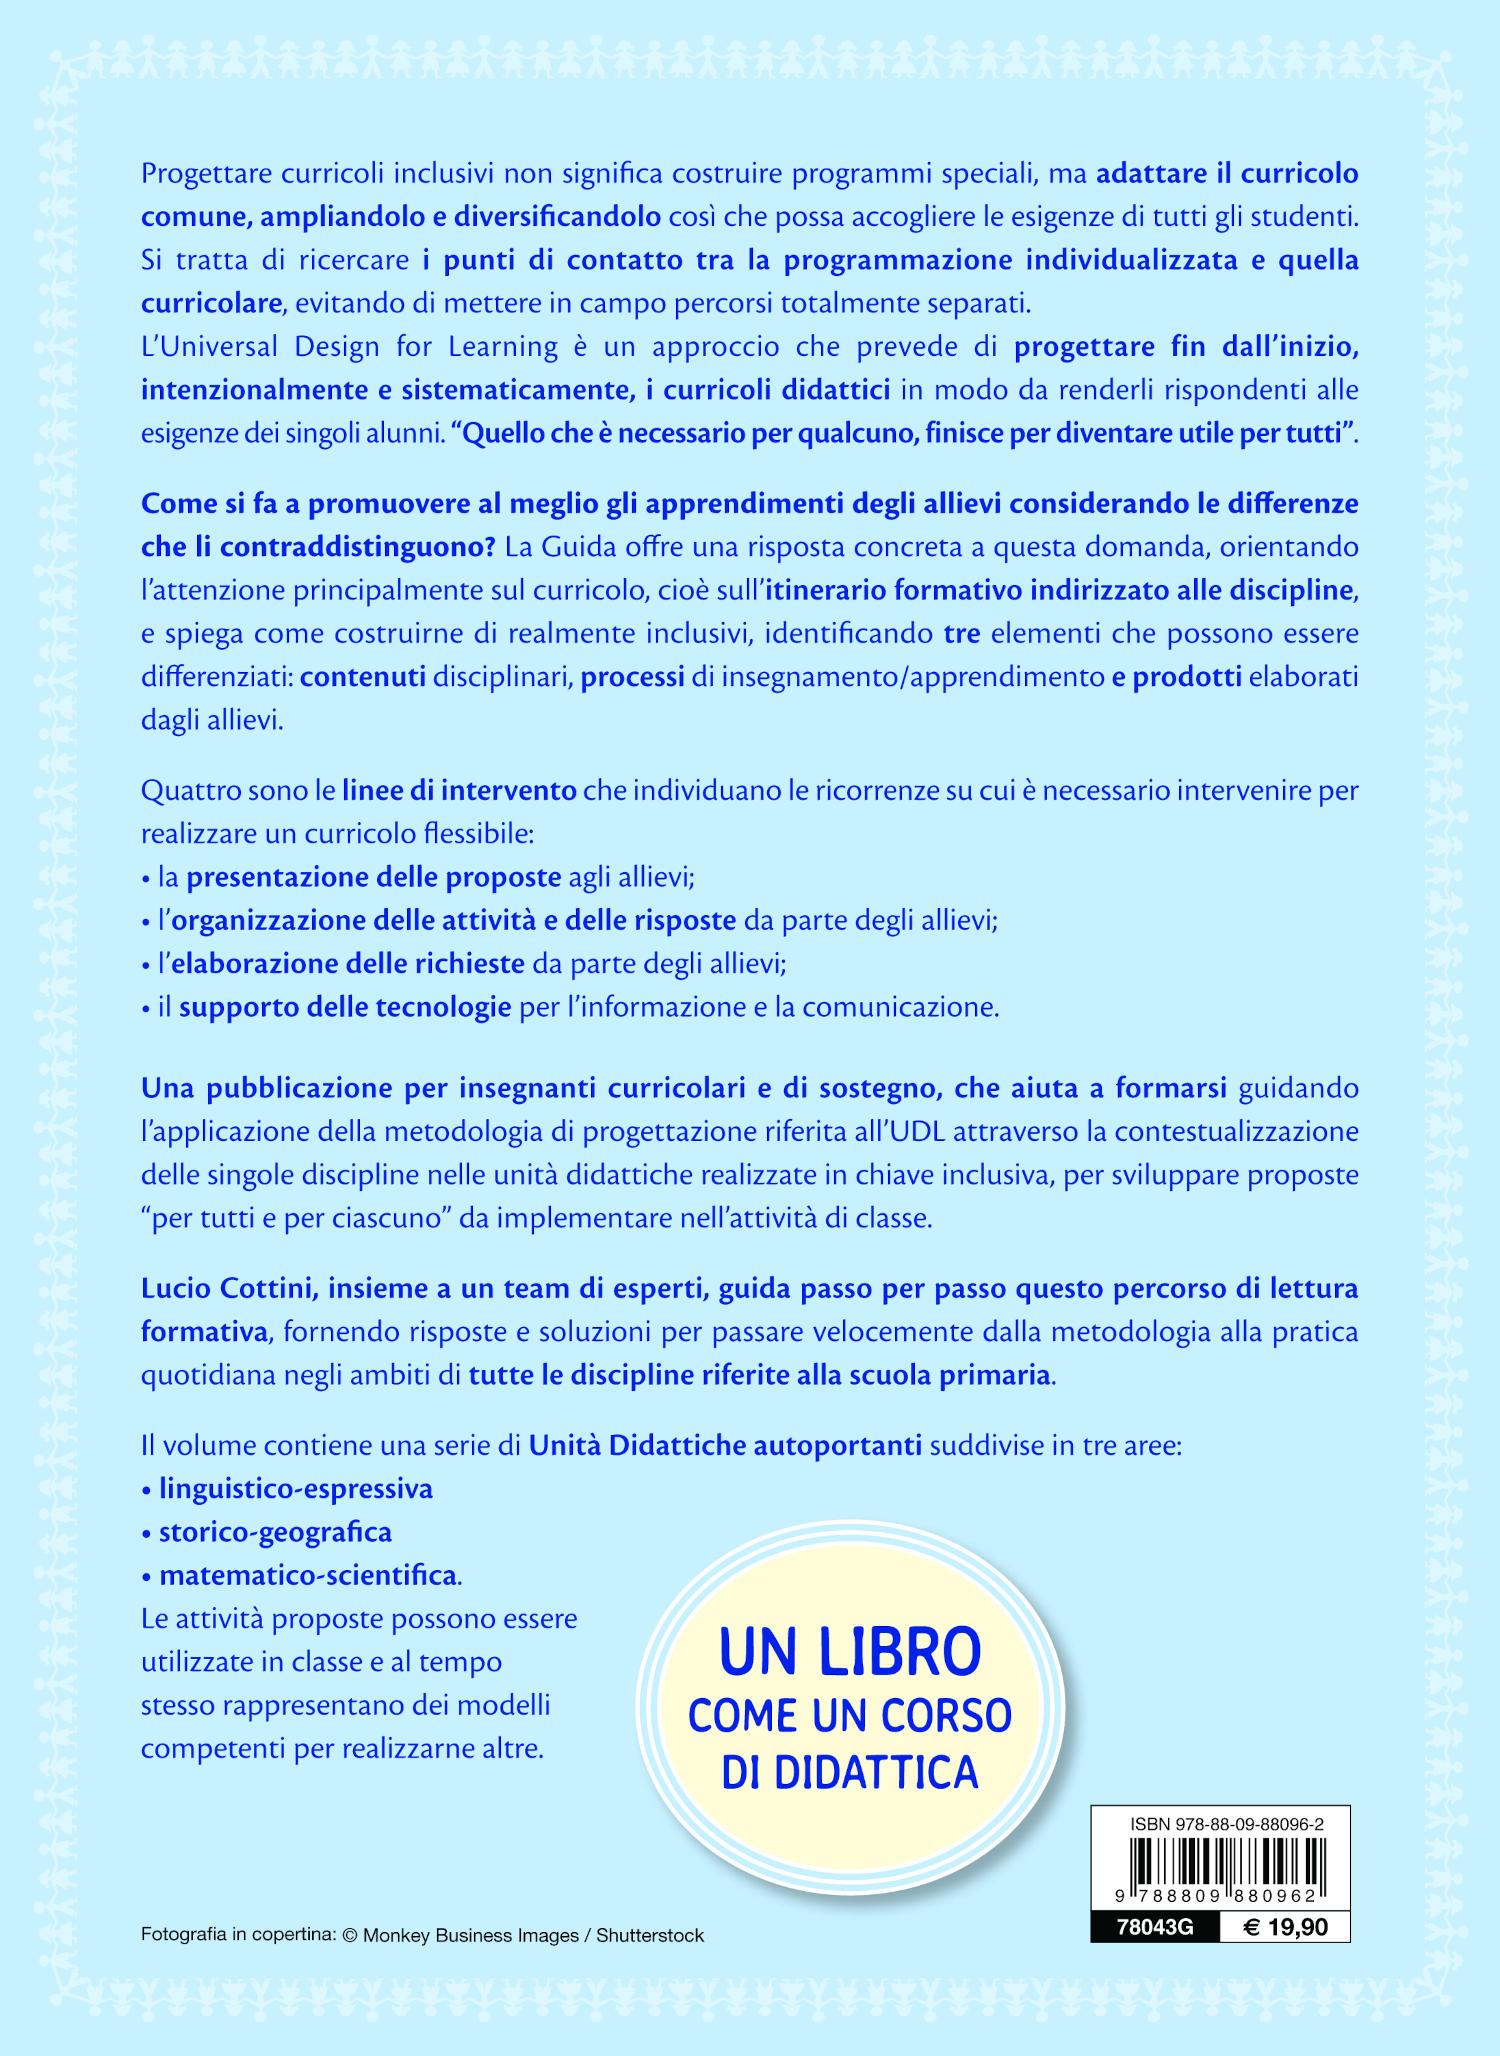 Universal Design for Learning e curricolo inclusivo